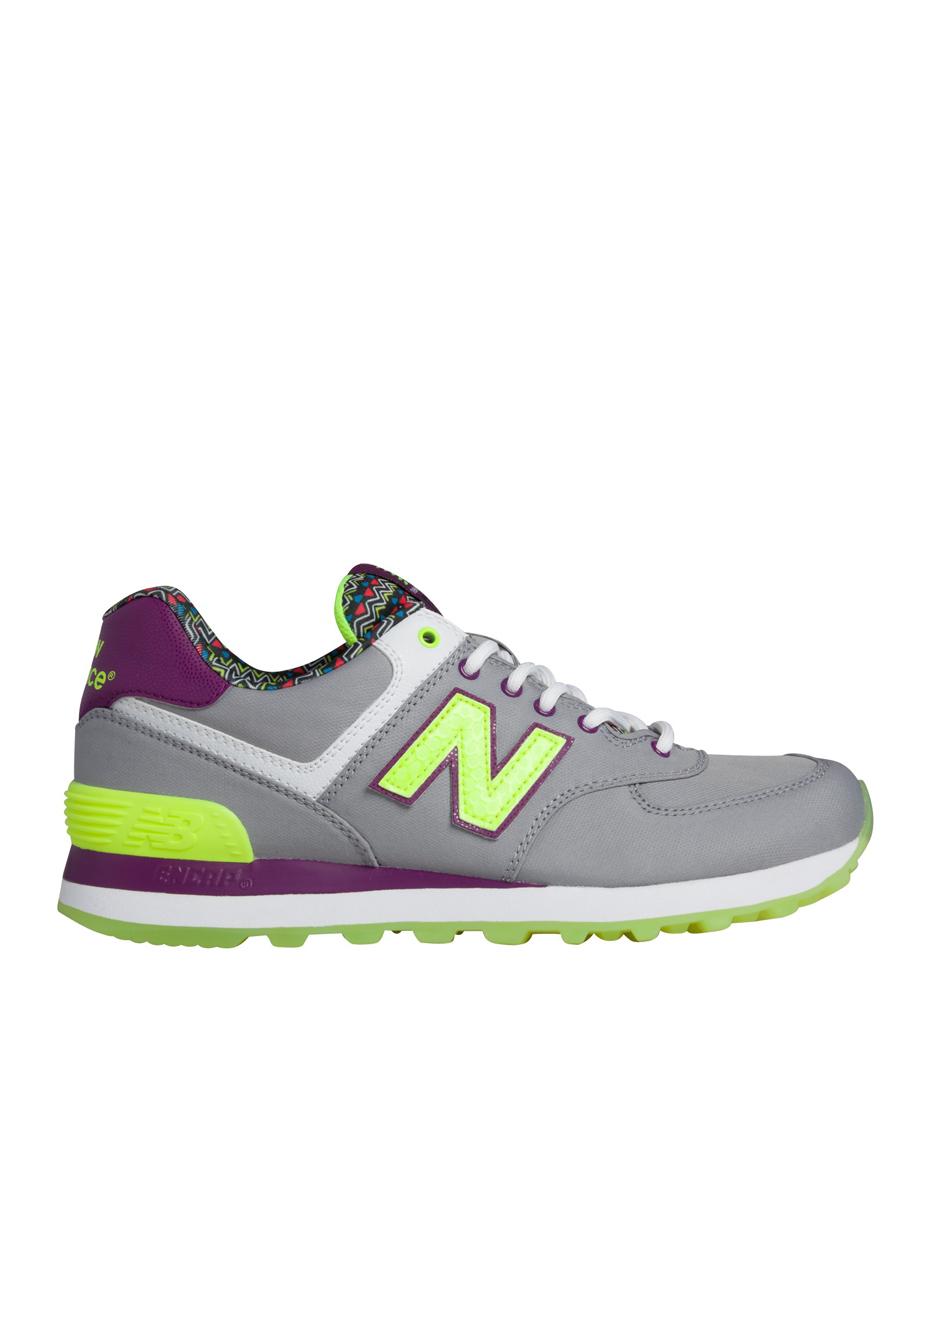 new balance 574 purple yellow